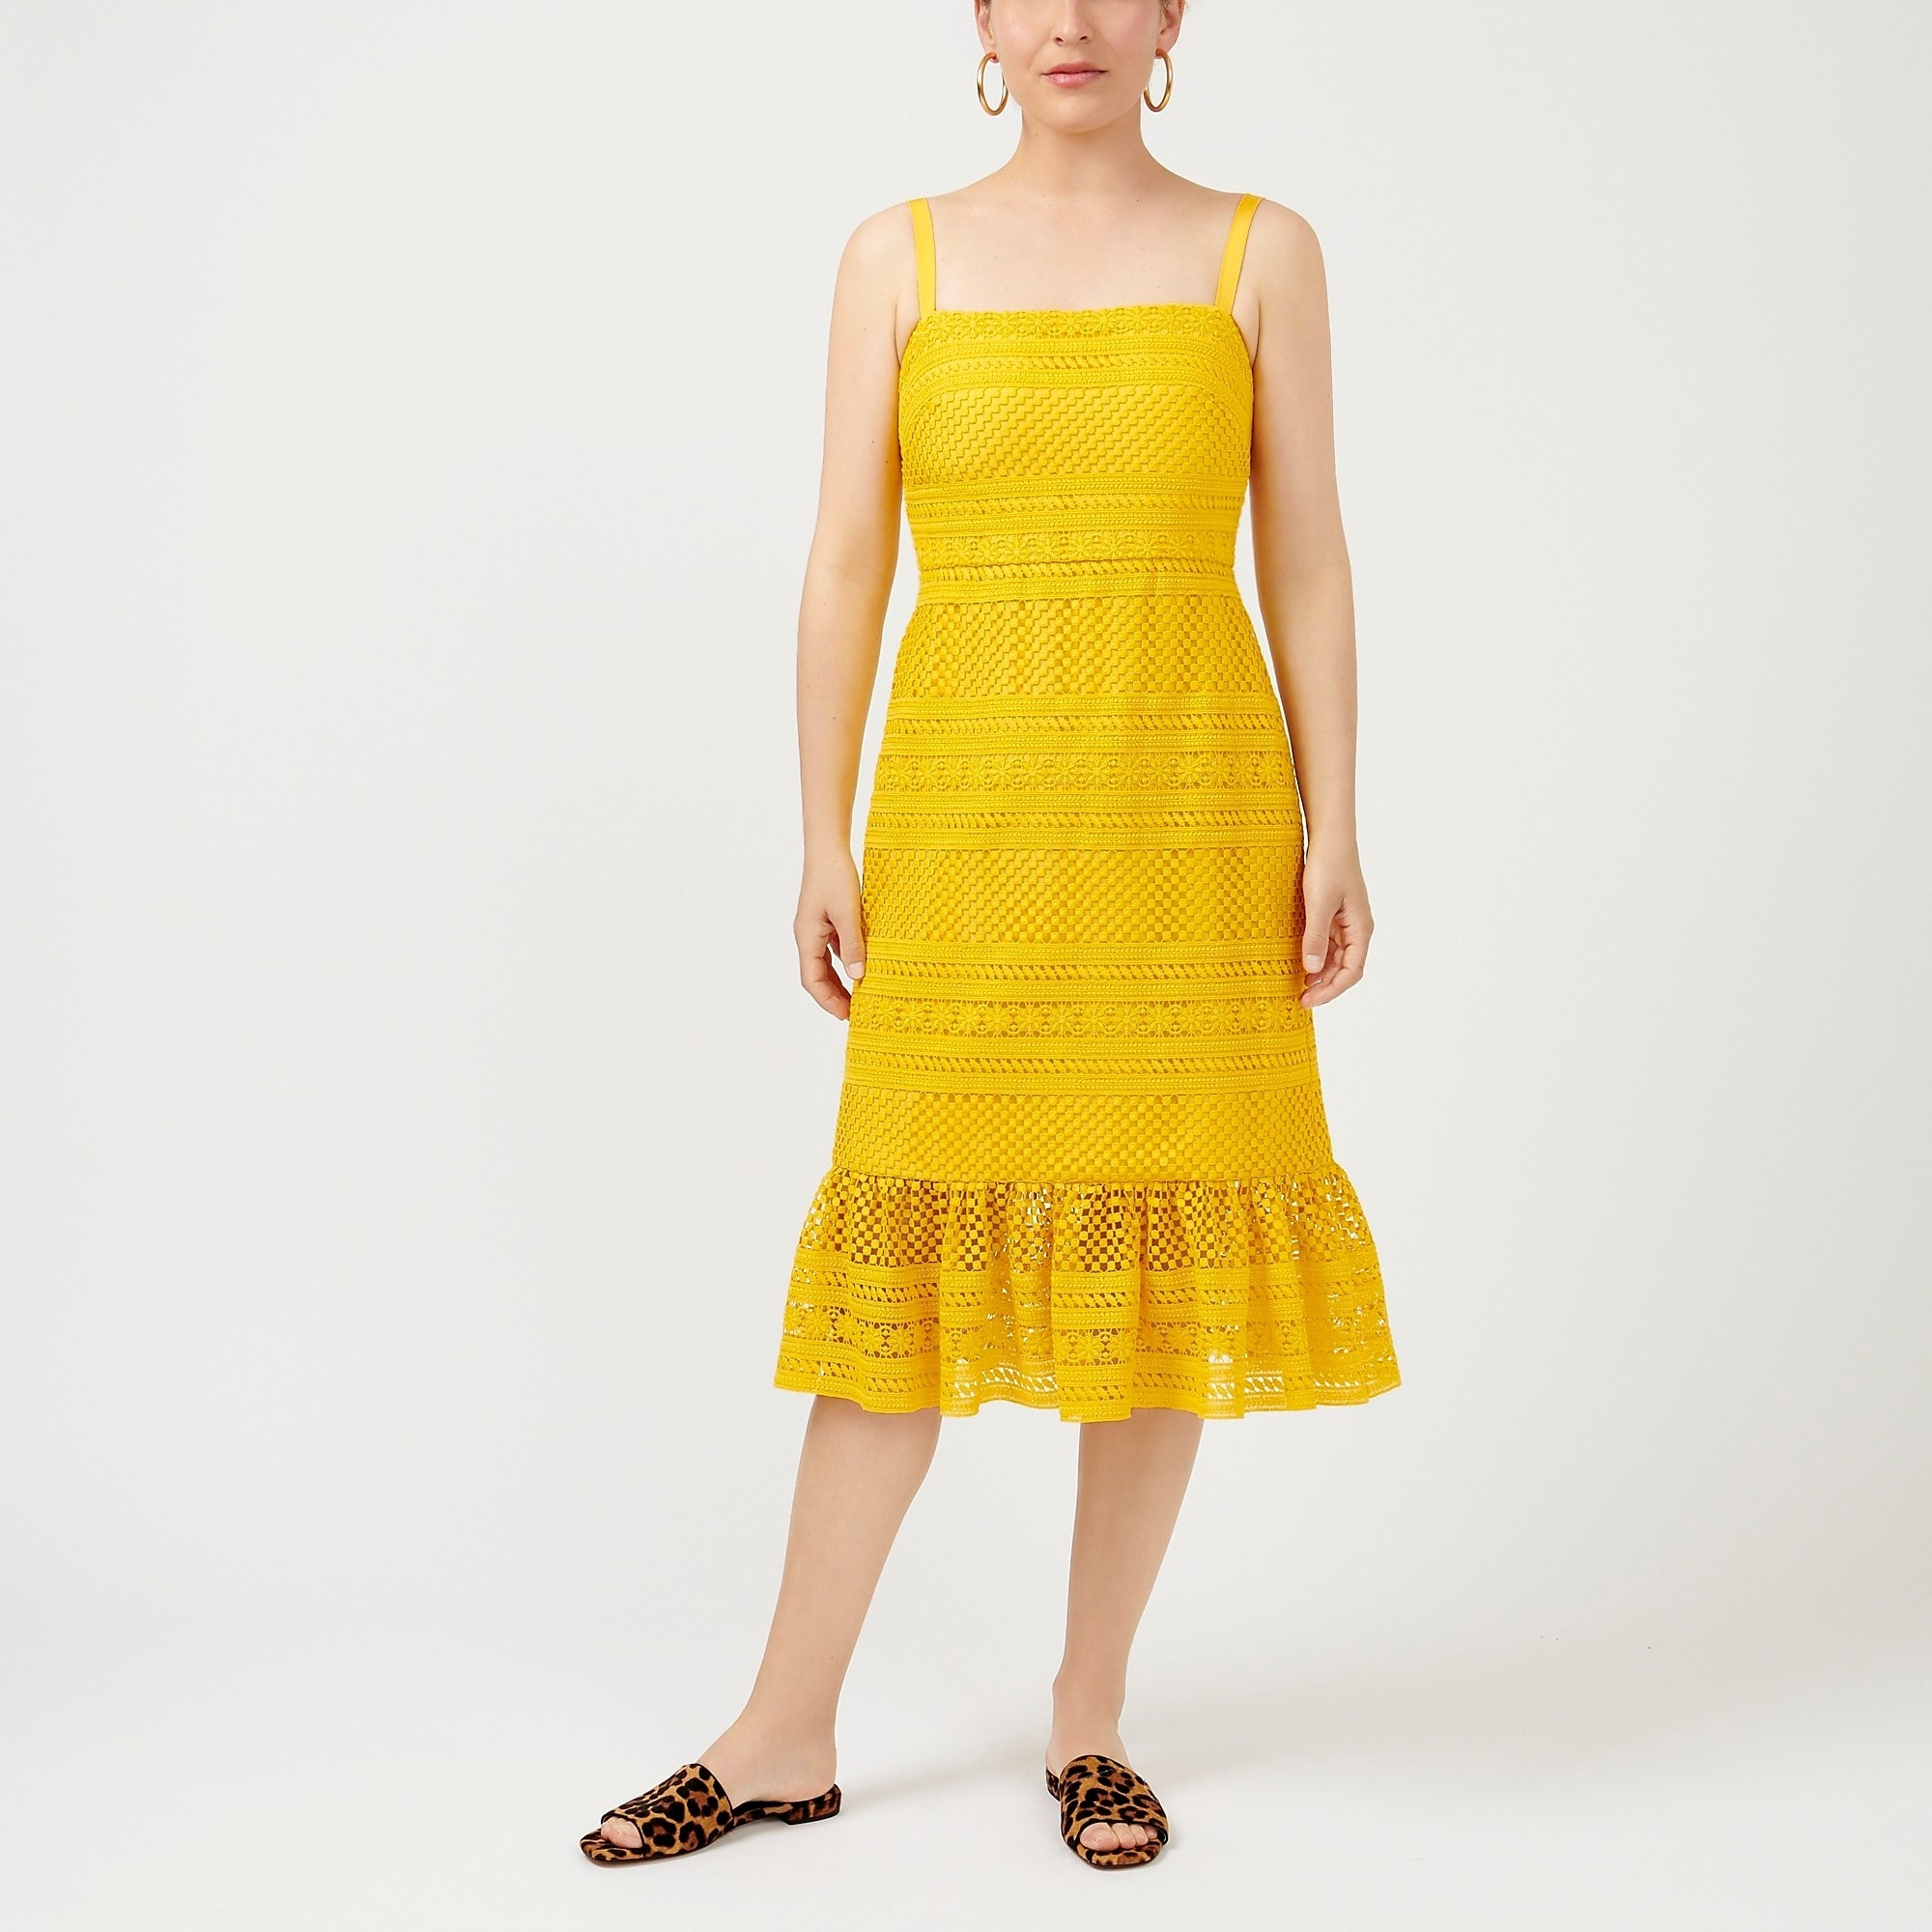 model wearing yellow lace midi dress